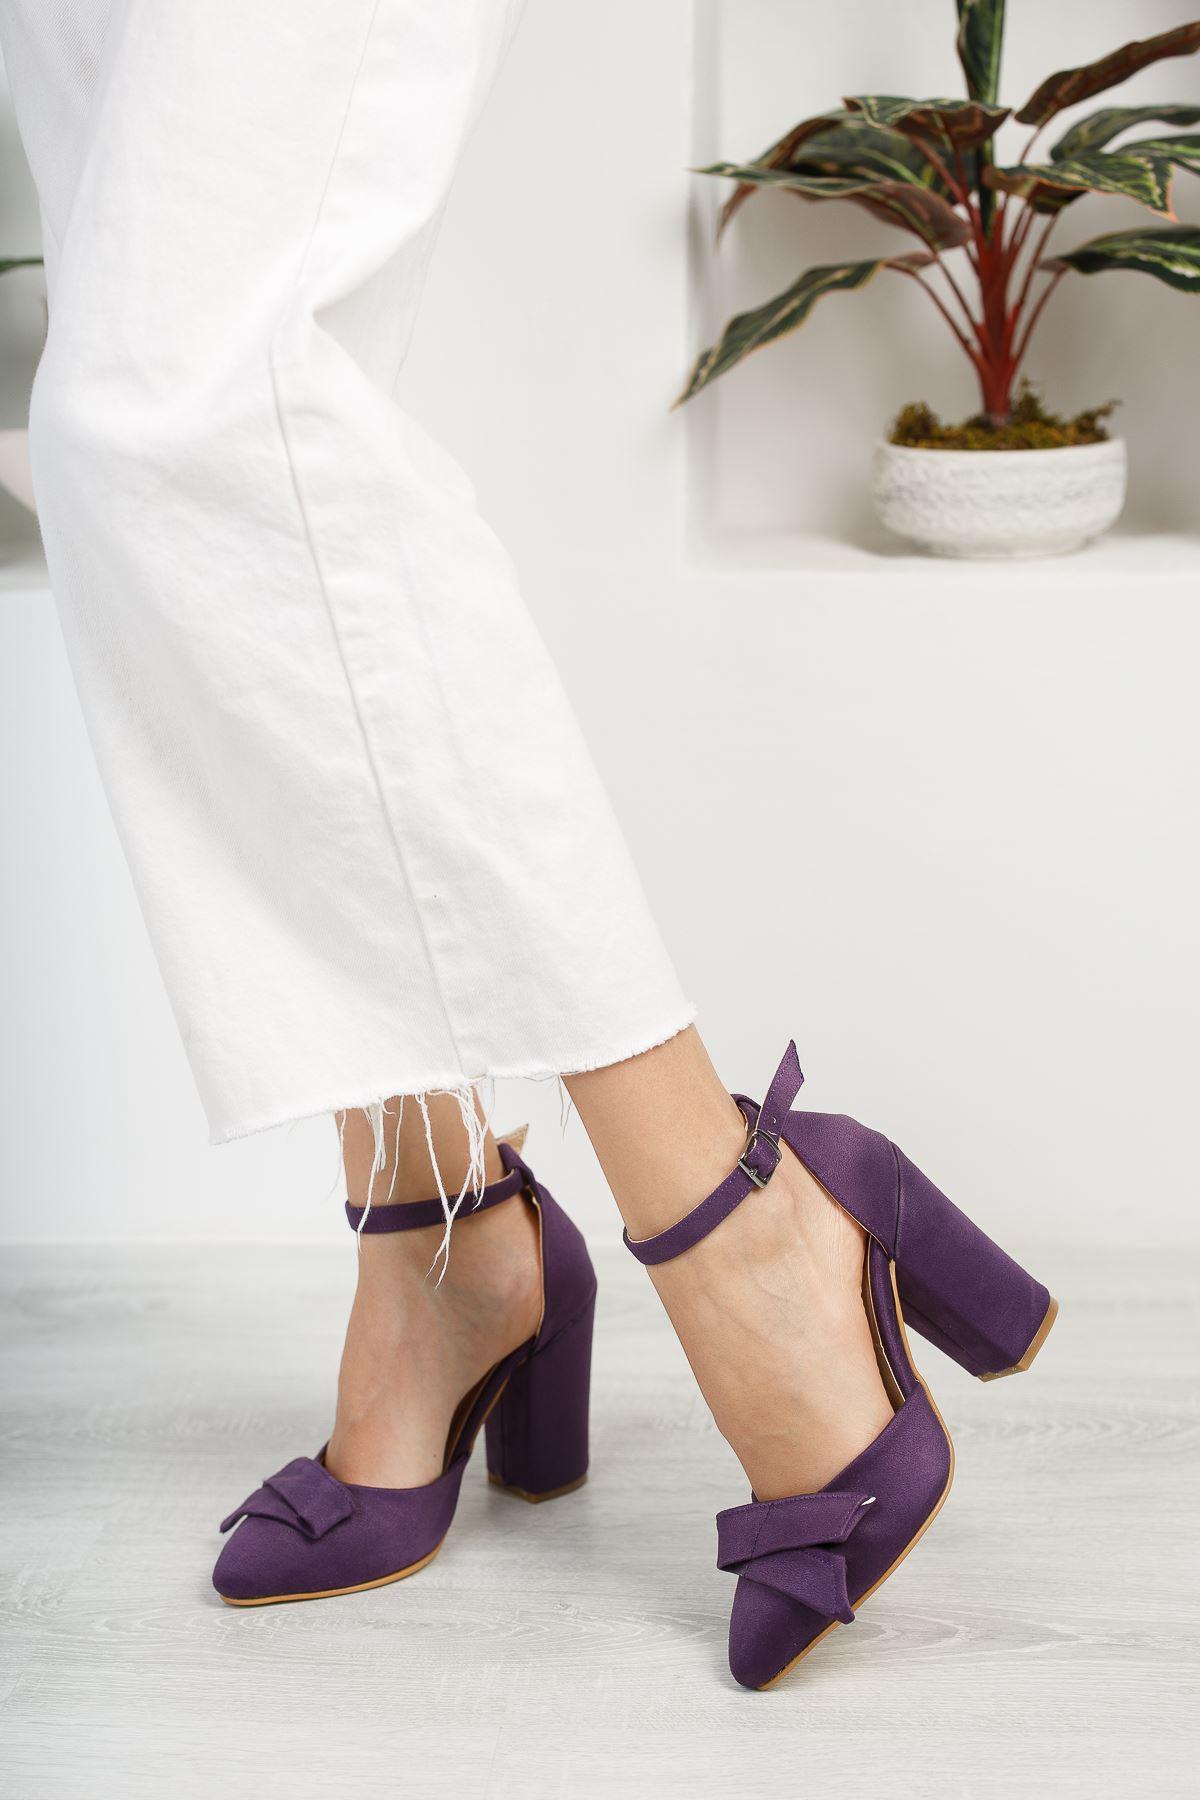 Kadın Cines Kalın Topuklu Mor Süet Ayakkabı Sivri Burun Yüksek Topuklu